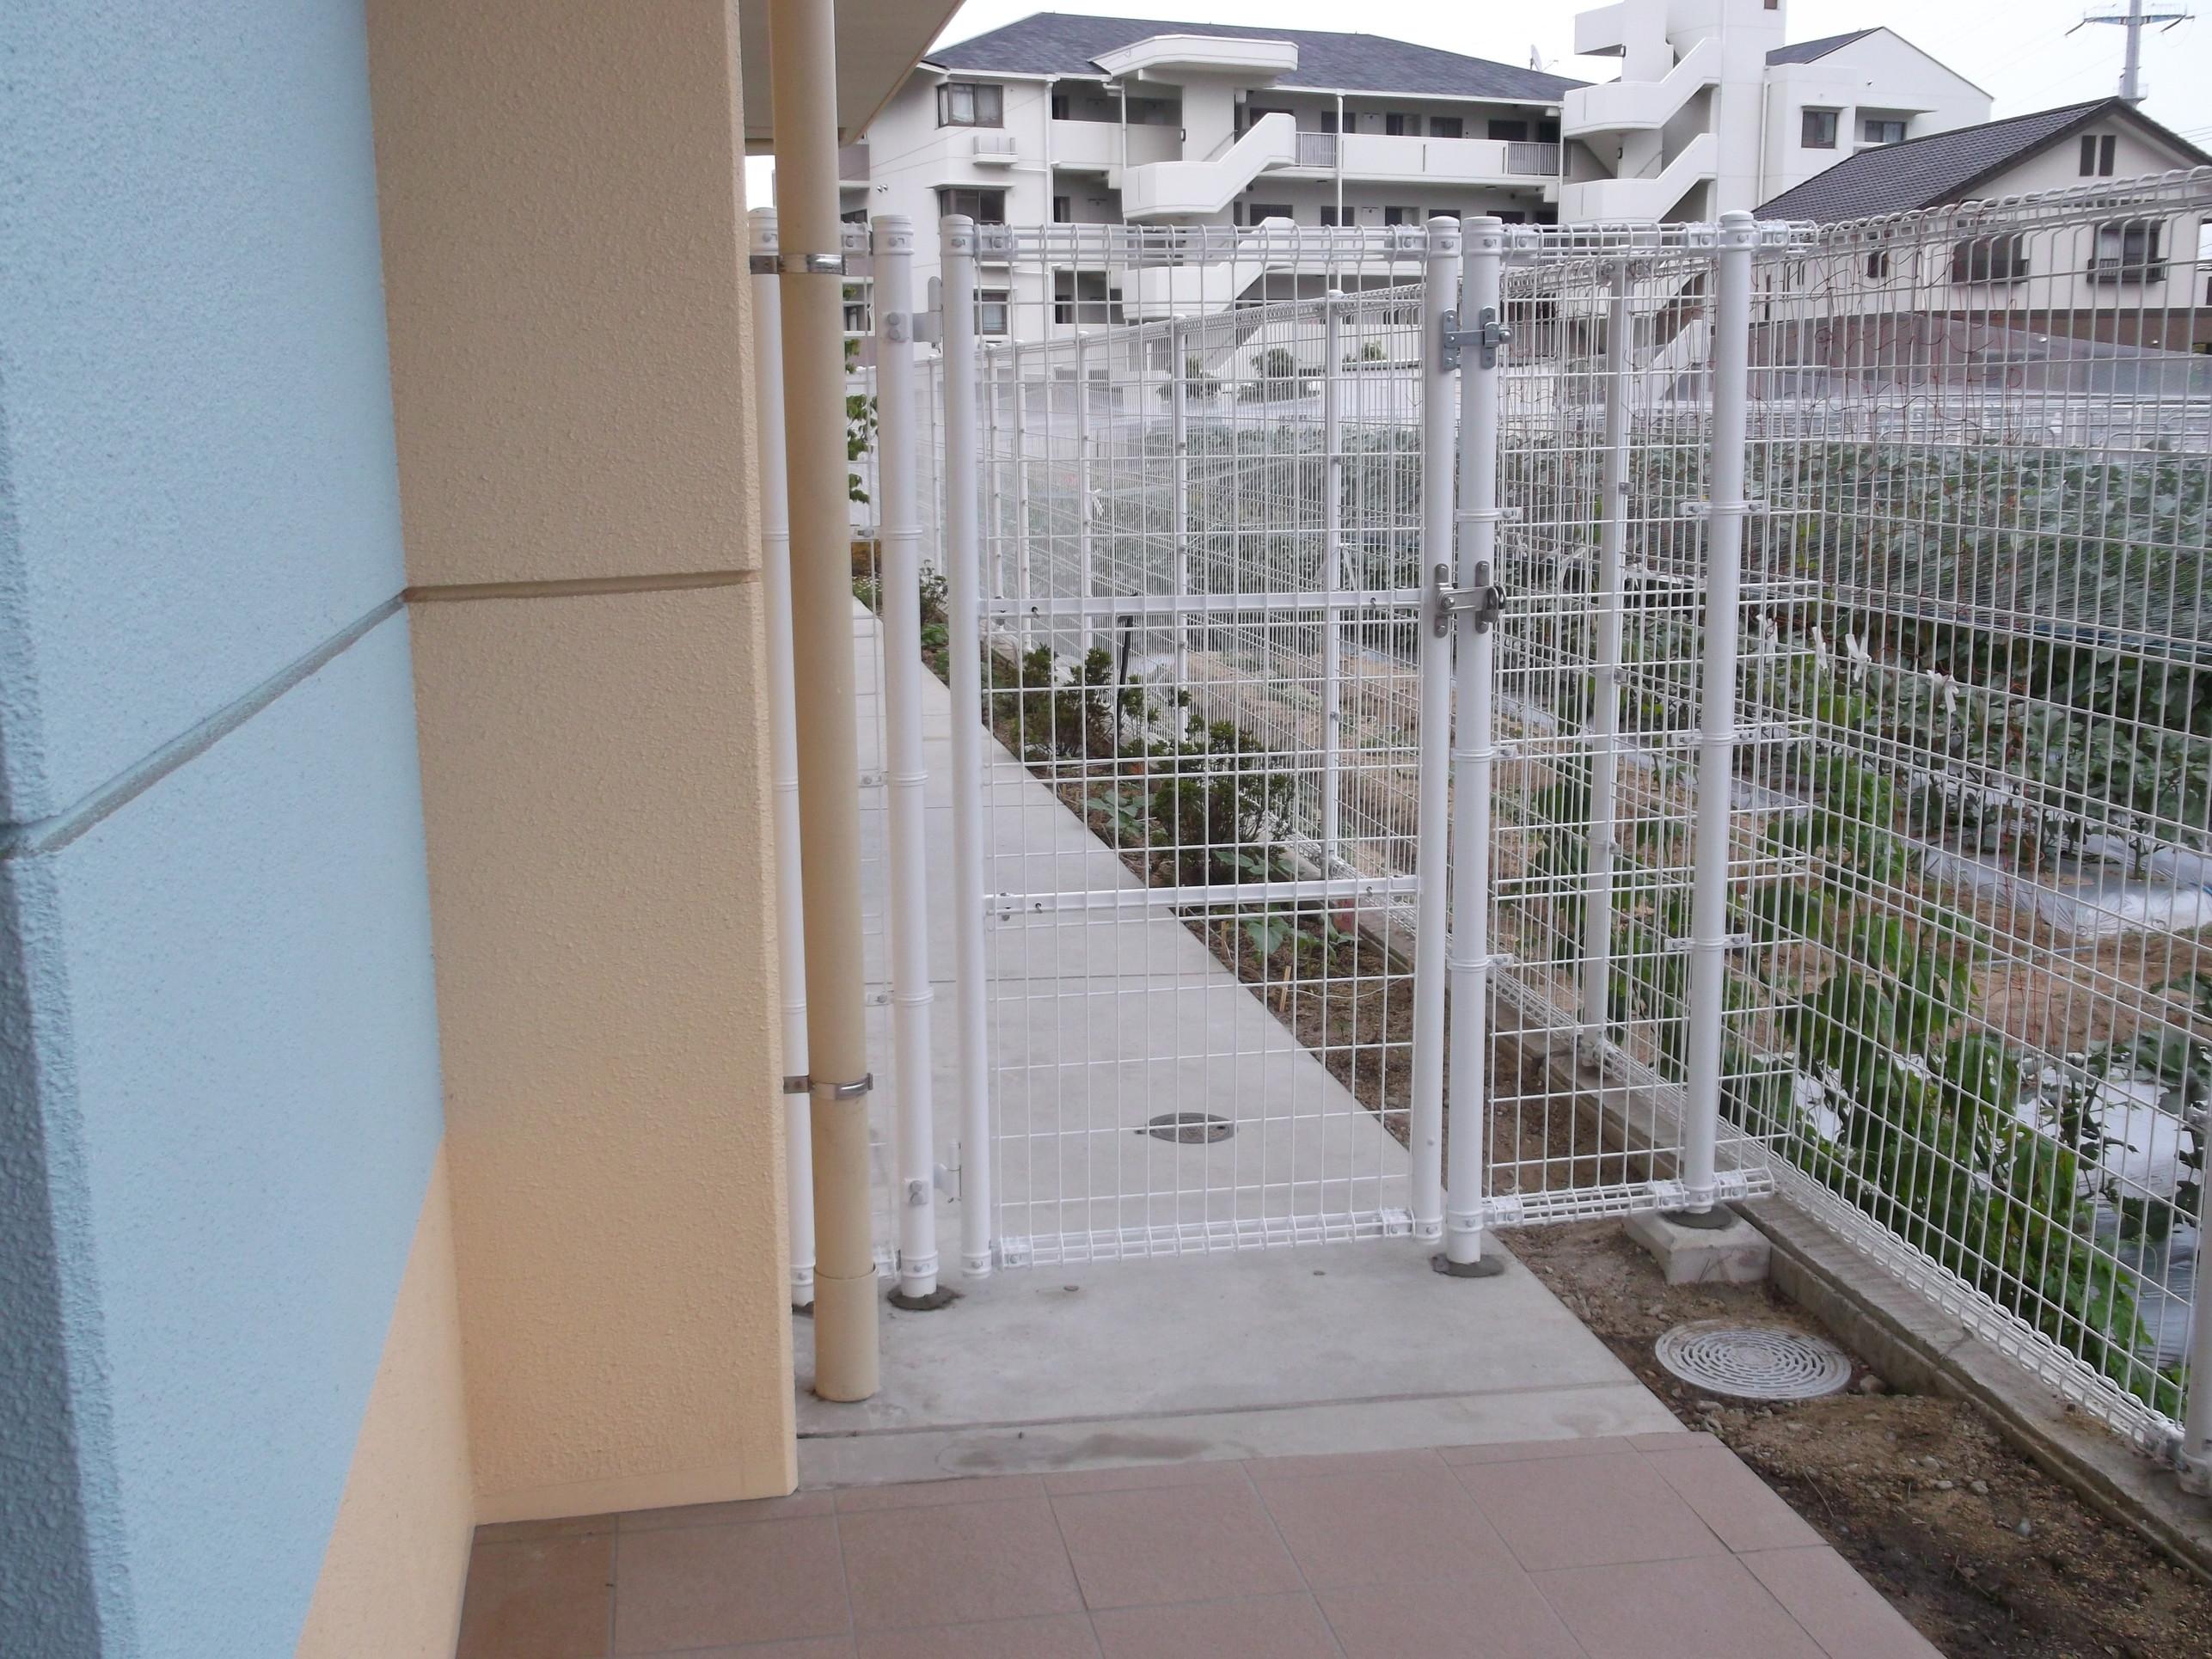 宝塚市 保育園 フェンス設置イメージ02